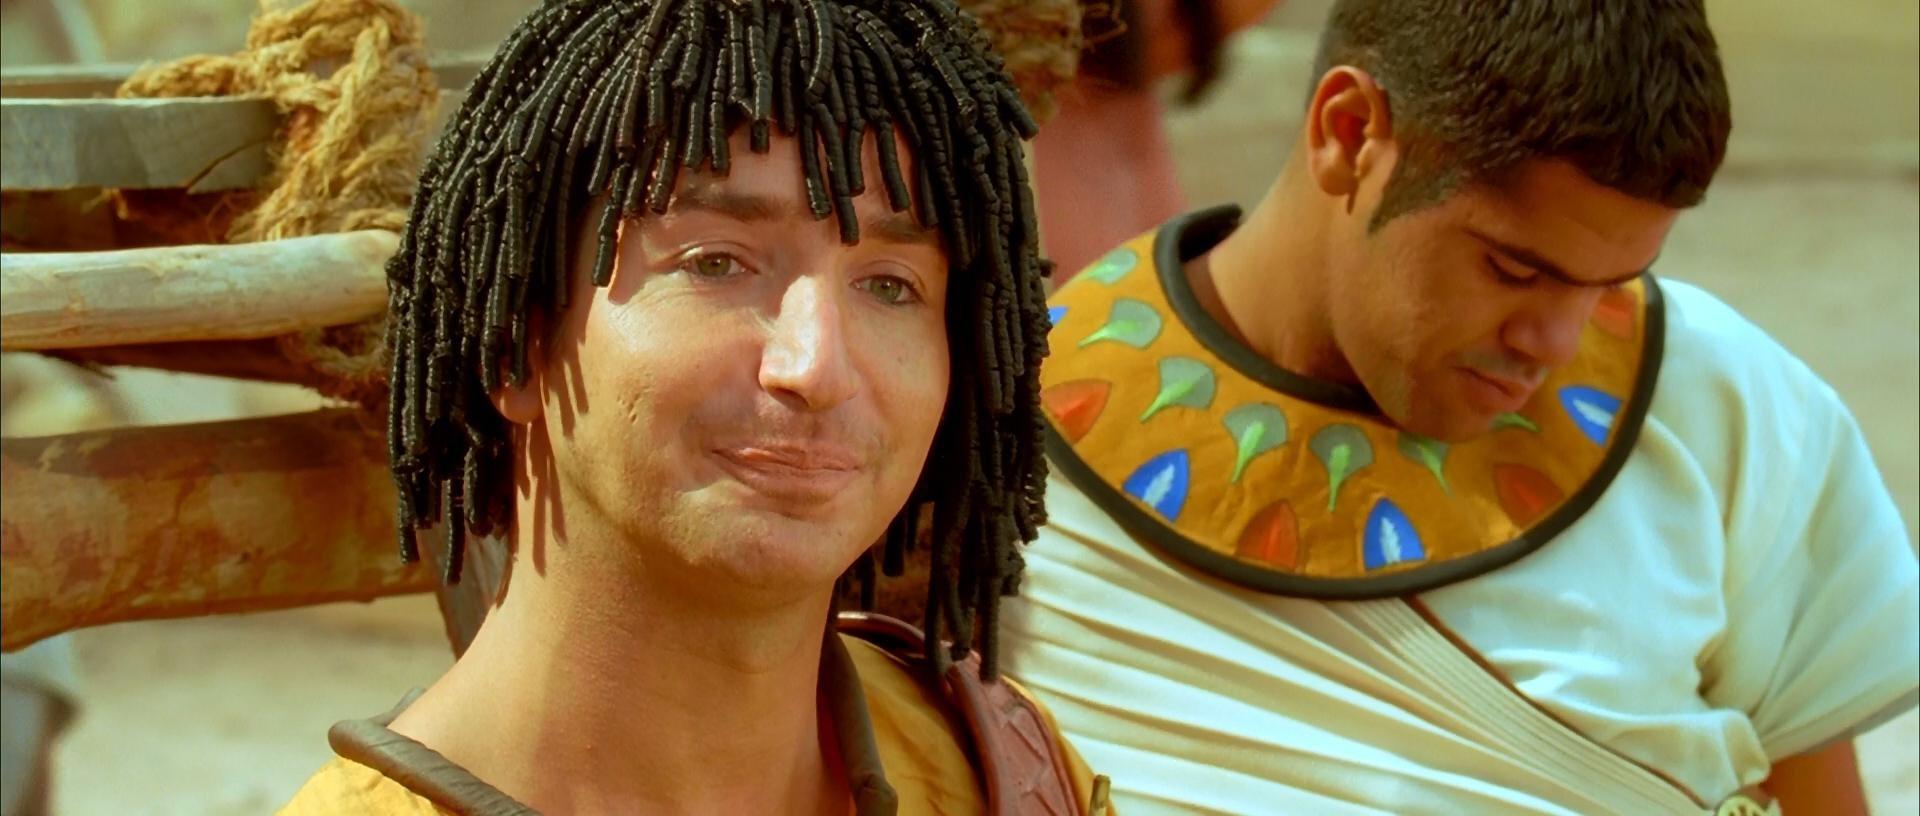 Астерикс и Обеликс Миссия Клеопатра 2002 смотреть